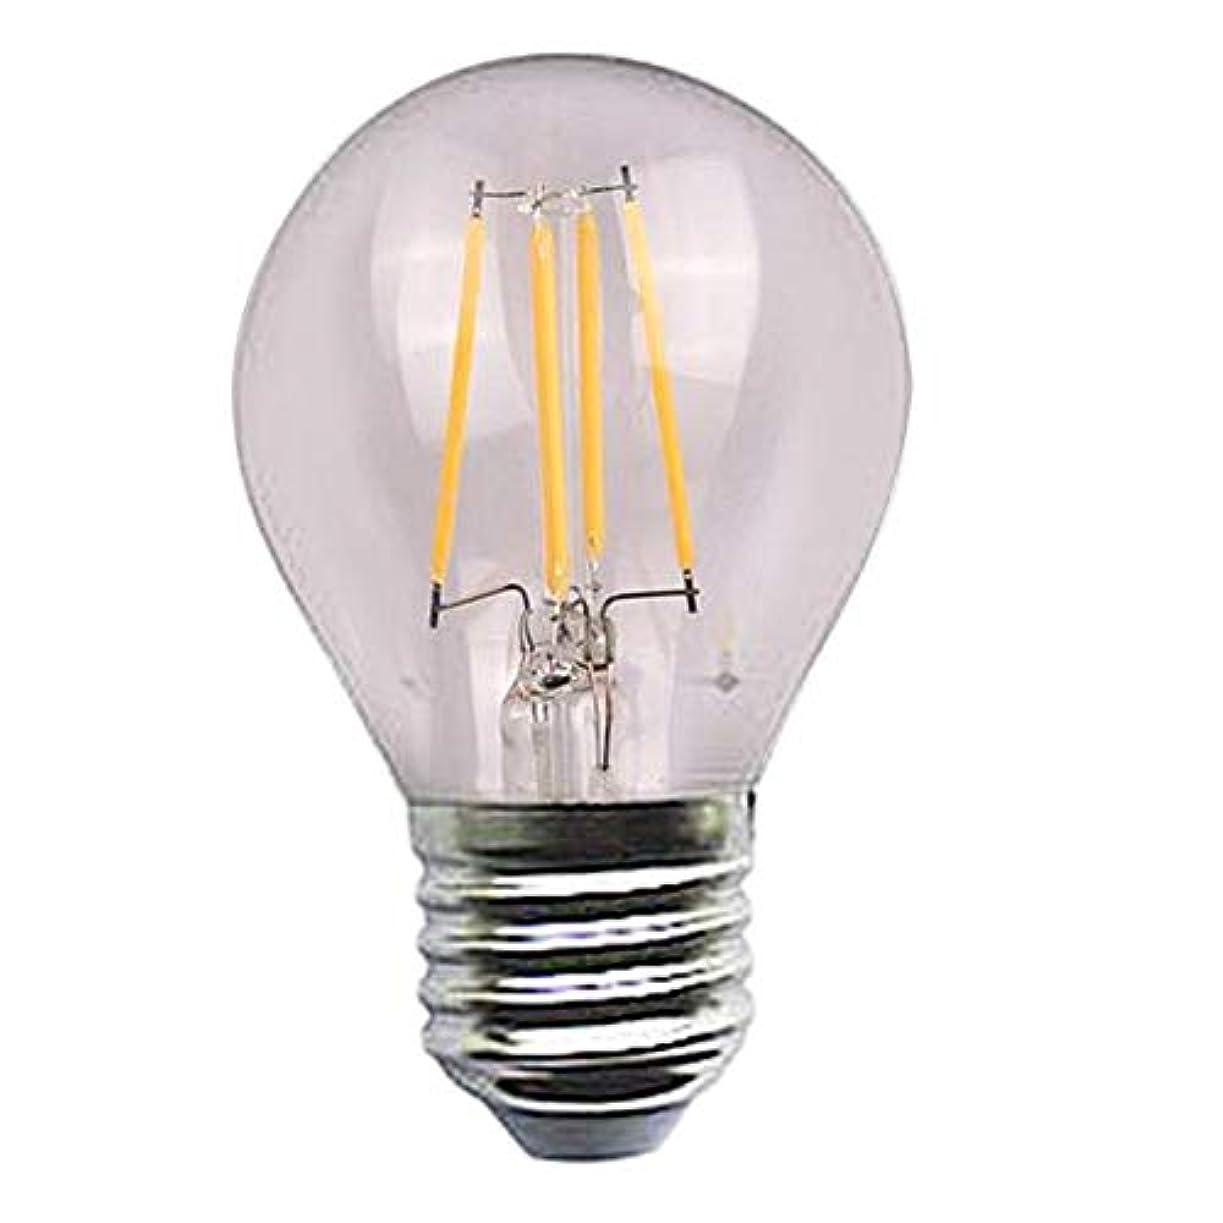 ソフィー違反フェリーエジソンはフィラメントシリーズ球根4w 110-220vの銀ランプの頭部を導きました